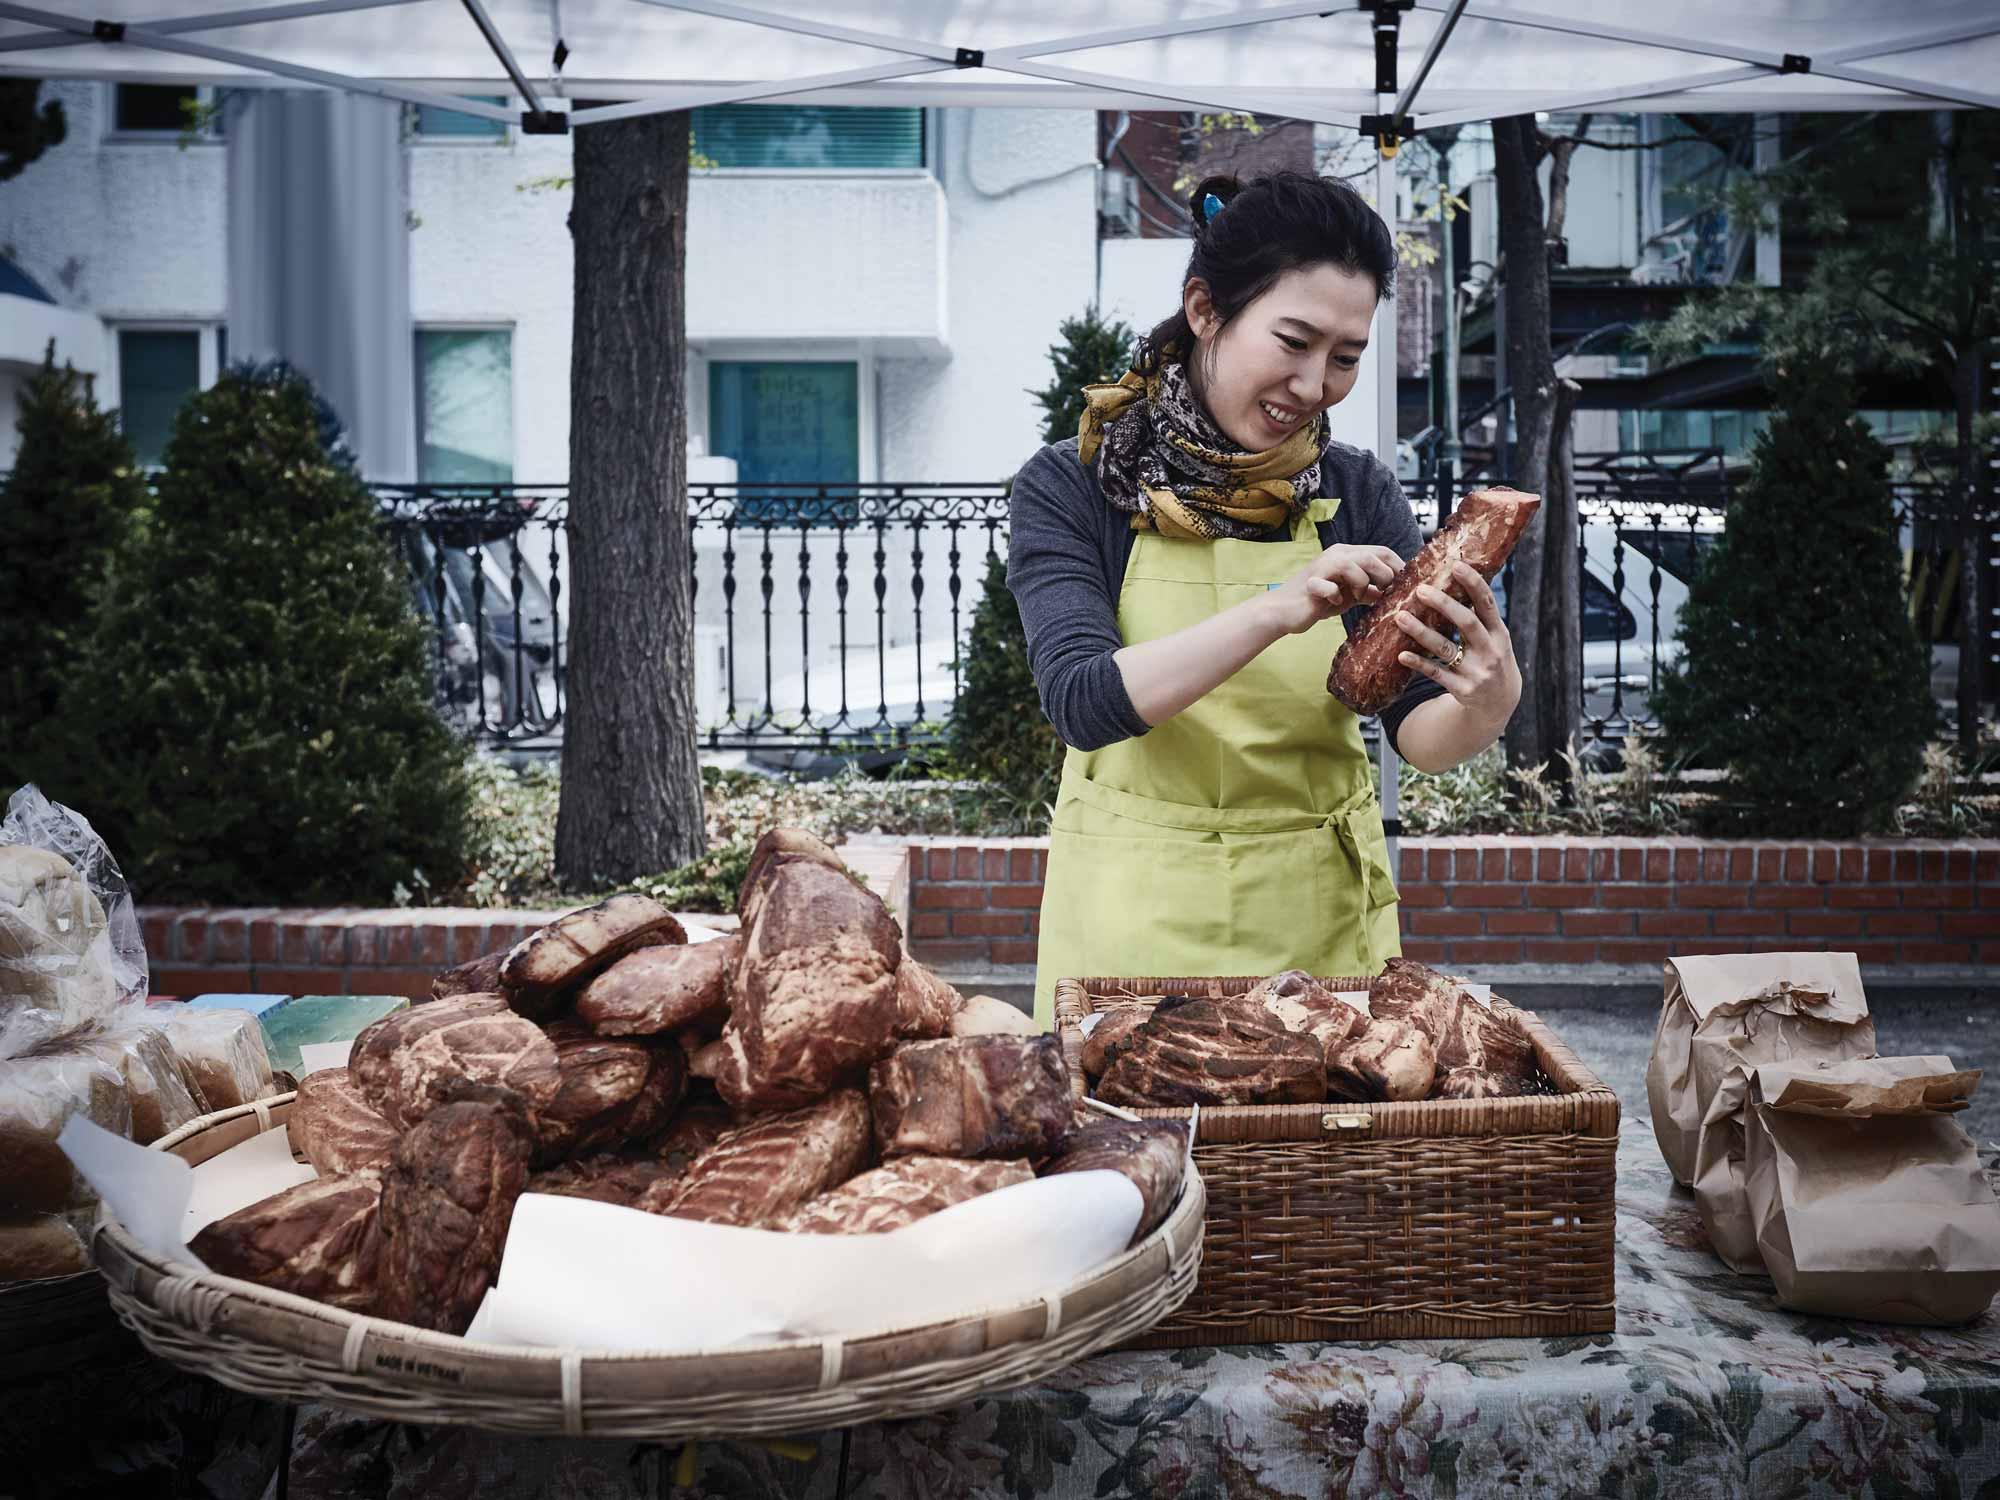 수제 햄 만들기는 박말이 씨의 힐링 타임이다.